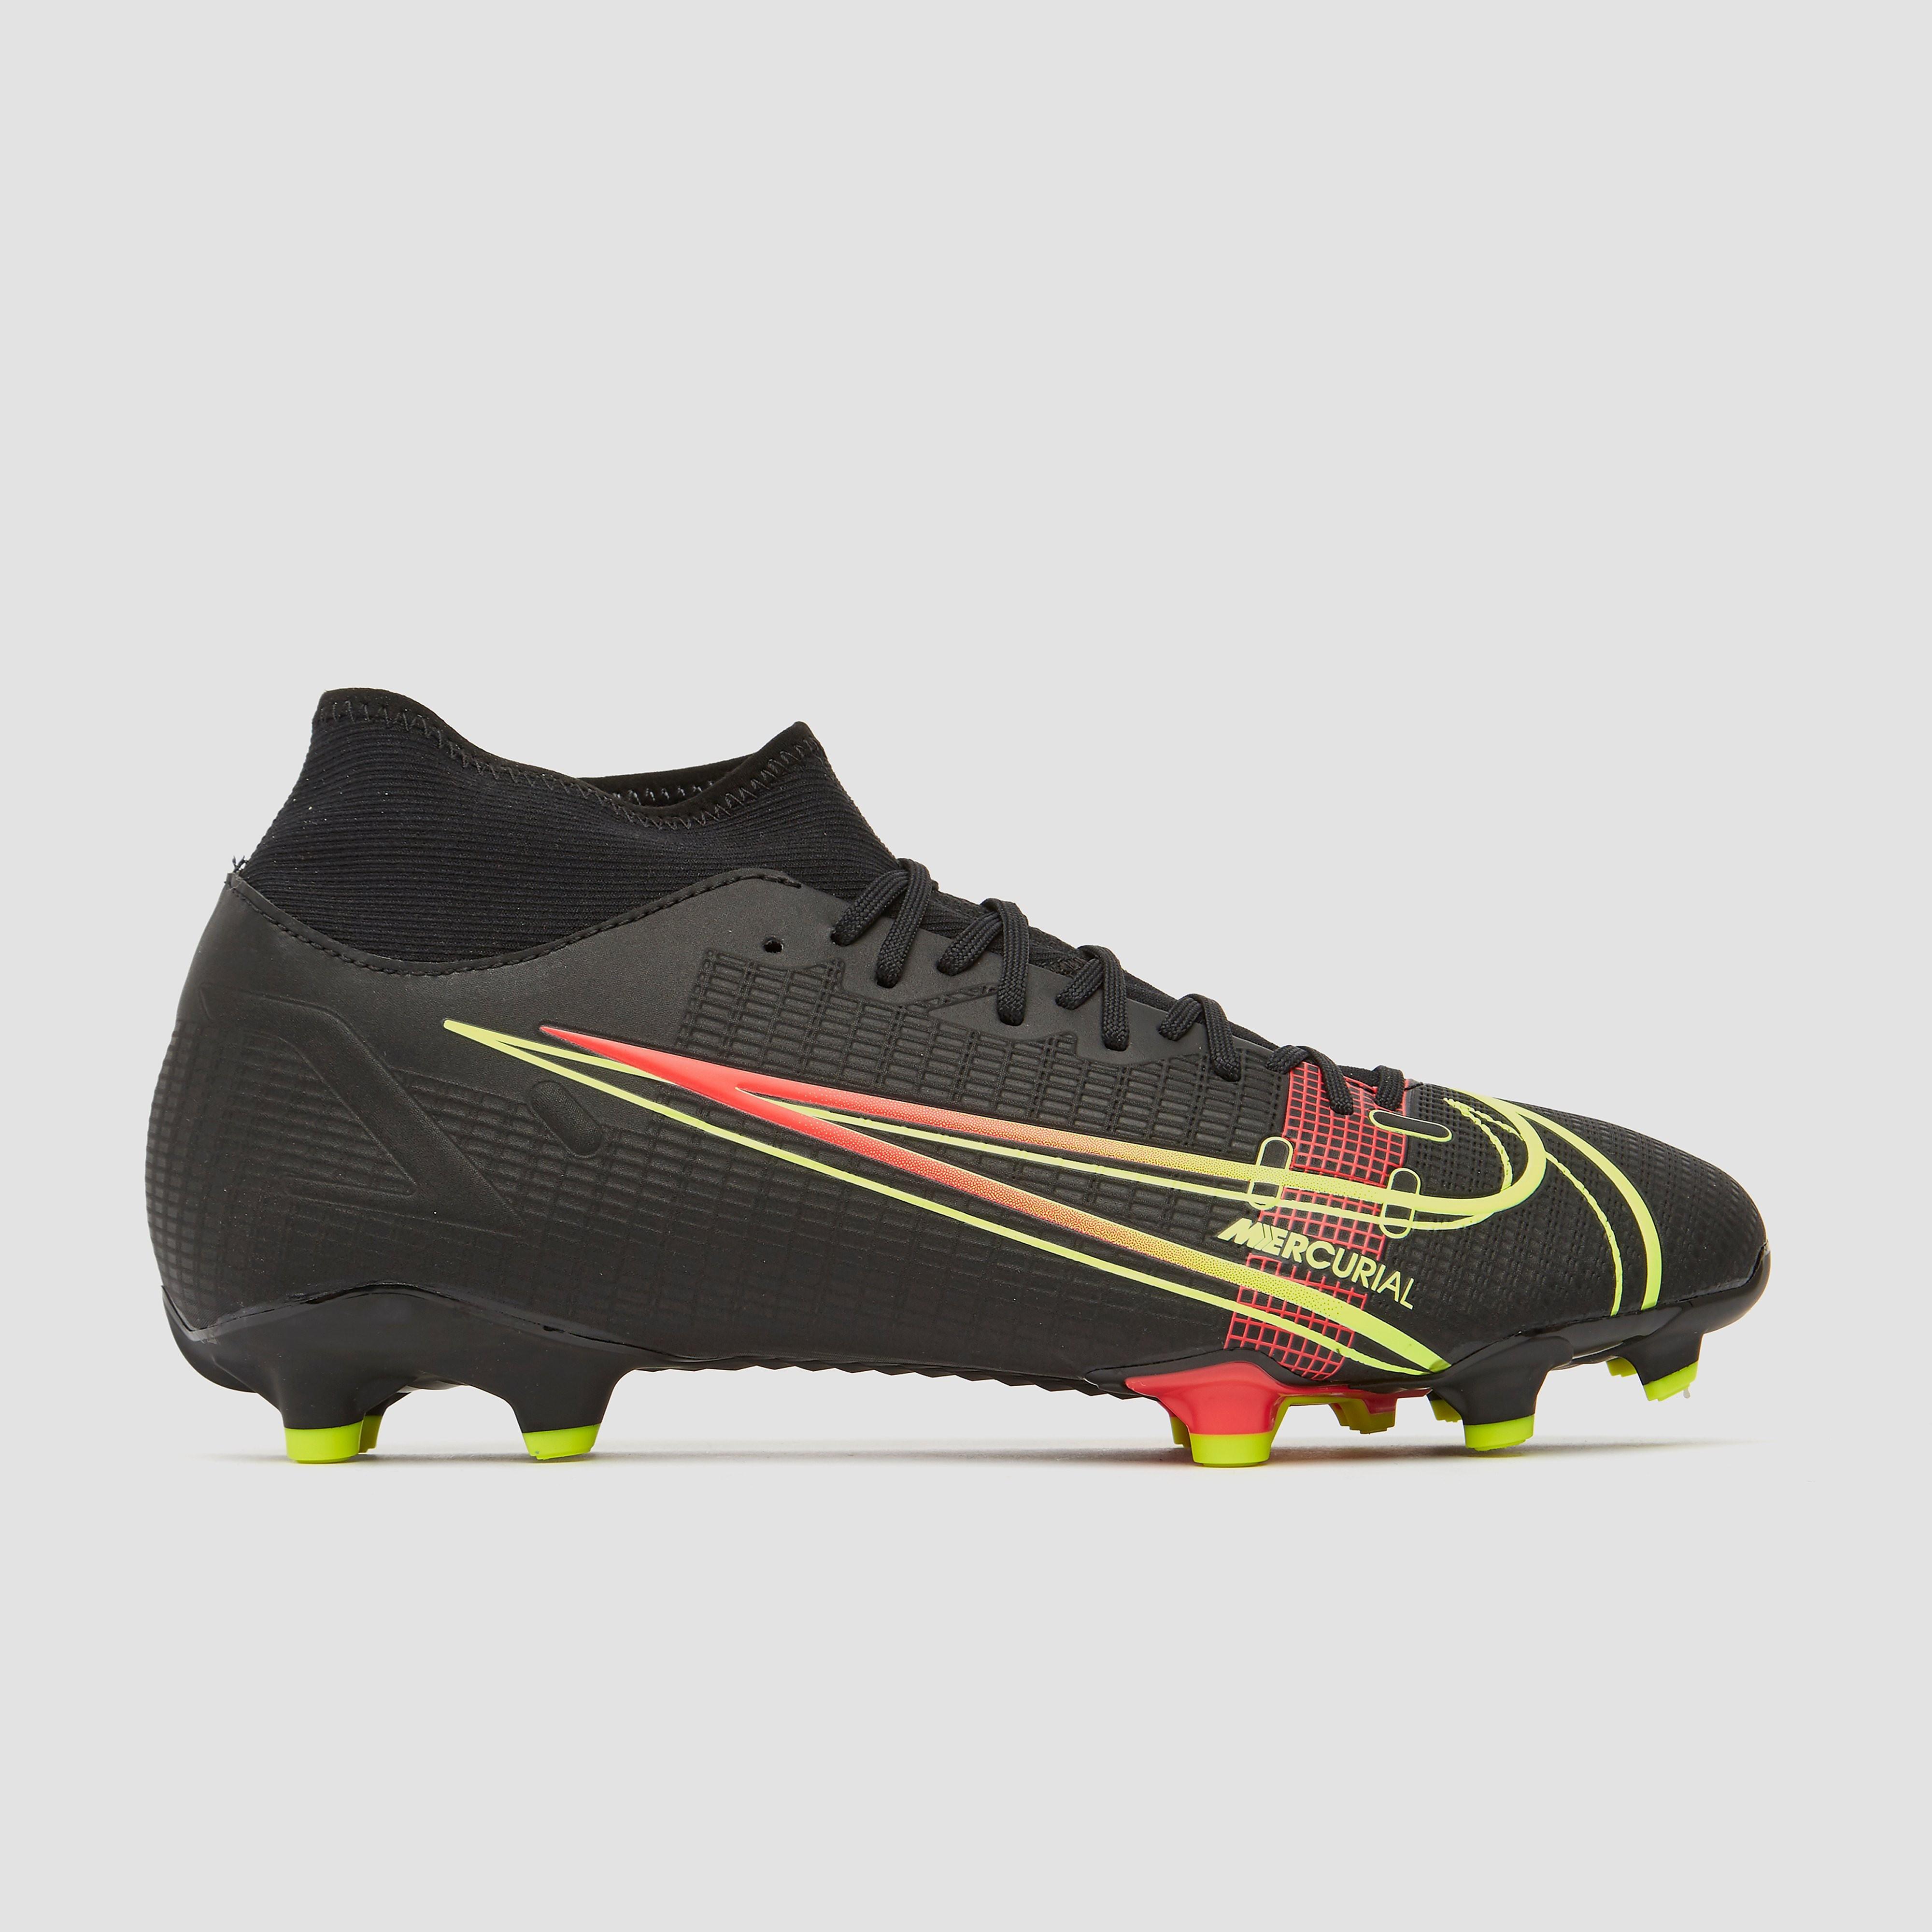 NIKE Mercurial superfly 8 academy df mg voetbalschoenen zwart/geel Dames